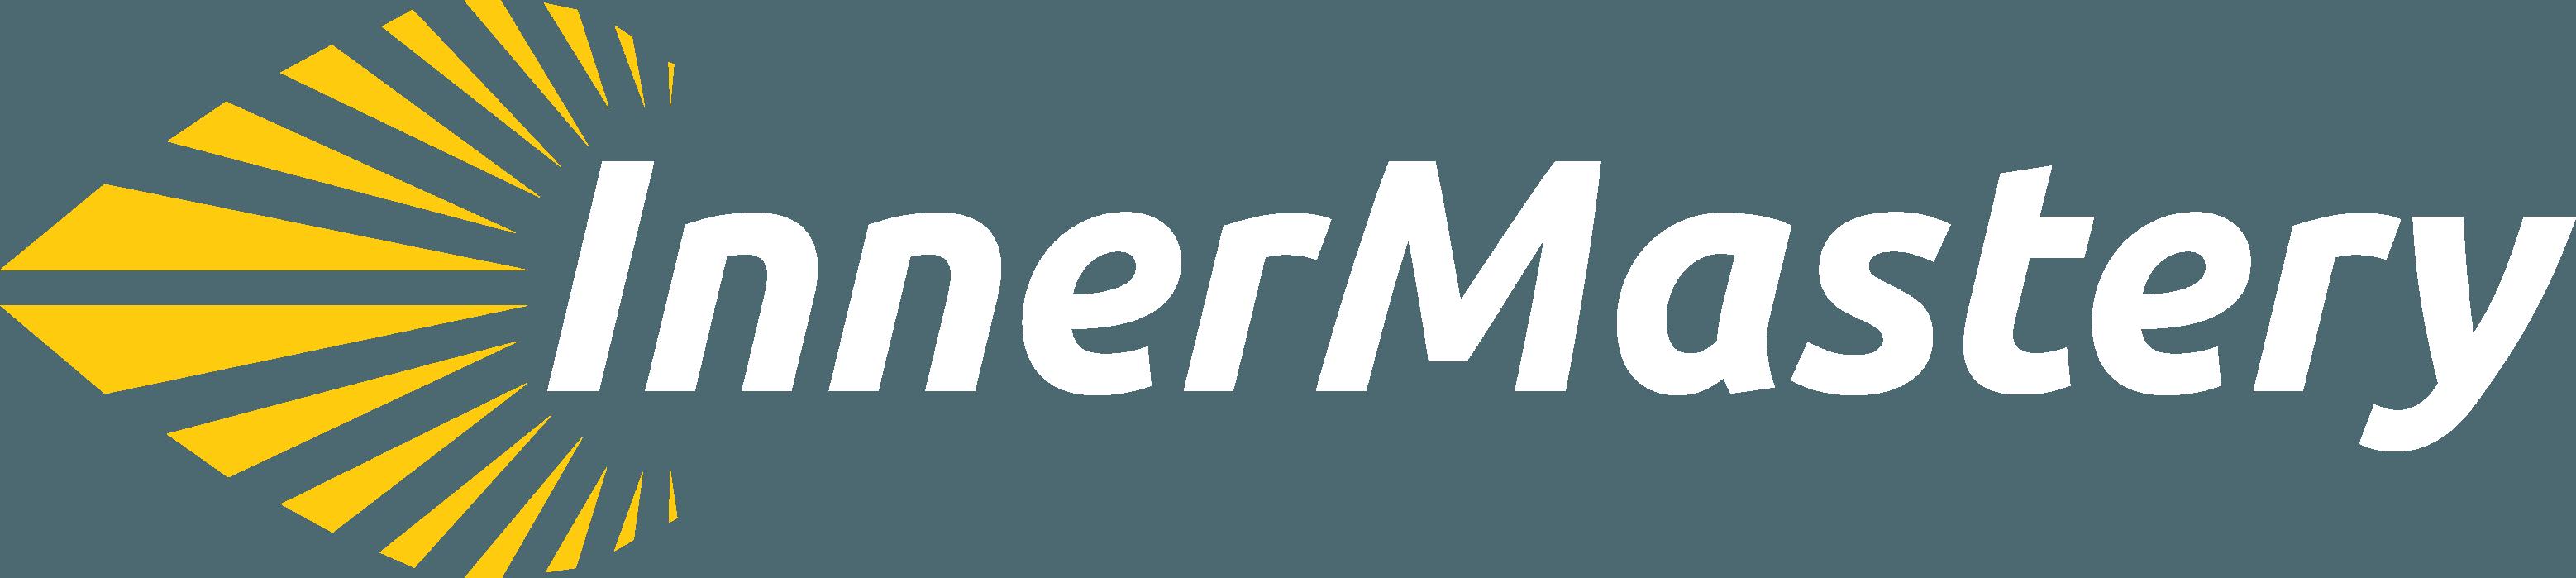 inner-mastery-logo